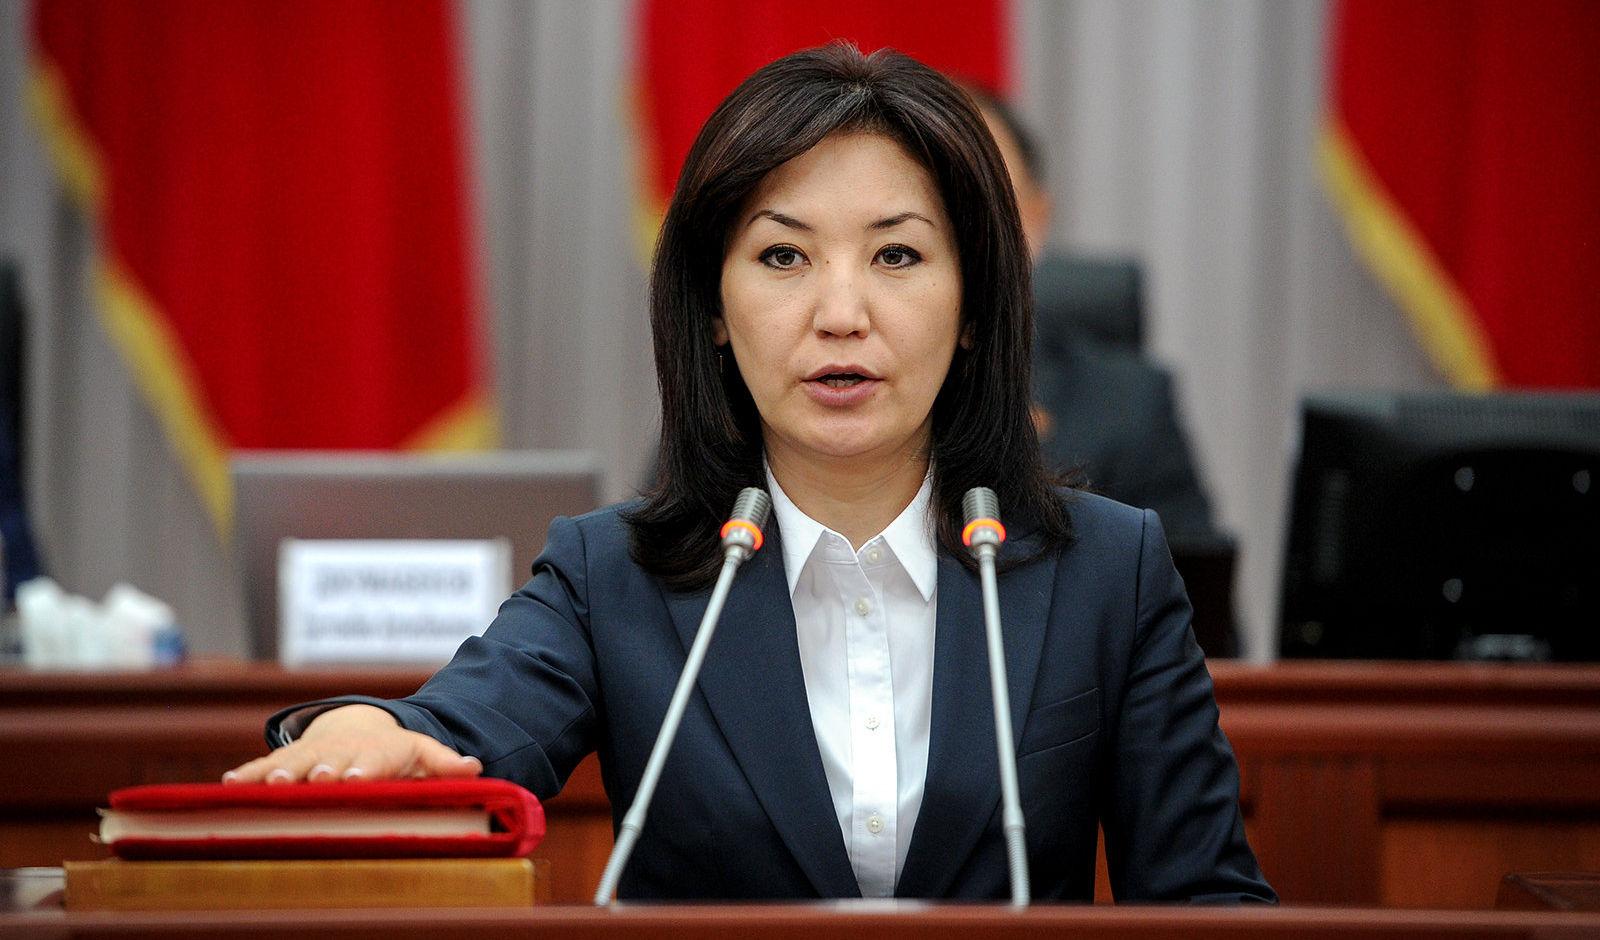 Министр юстиции Айнур Абдылдаева во время присяги